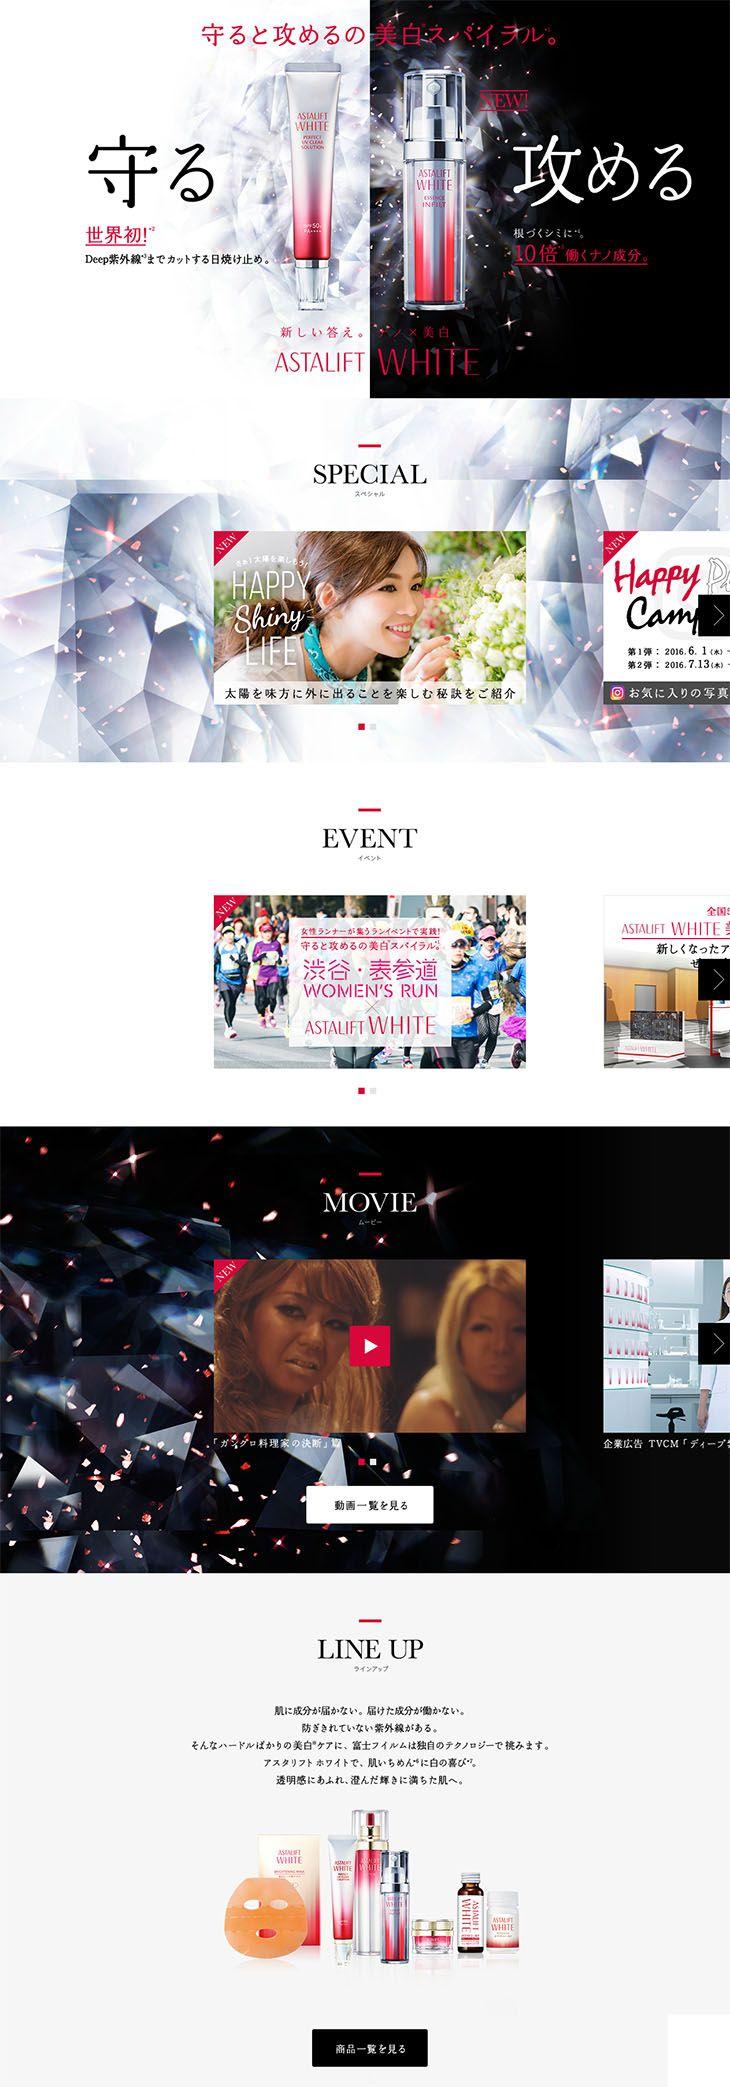 アスタリフトホワイト スペシャルサイト【スキンケア・美容商品関連】のLPデザイン。WEBデザイナーさん必見!ランディングページのデザイン参考に(キレイ系)